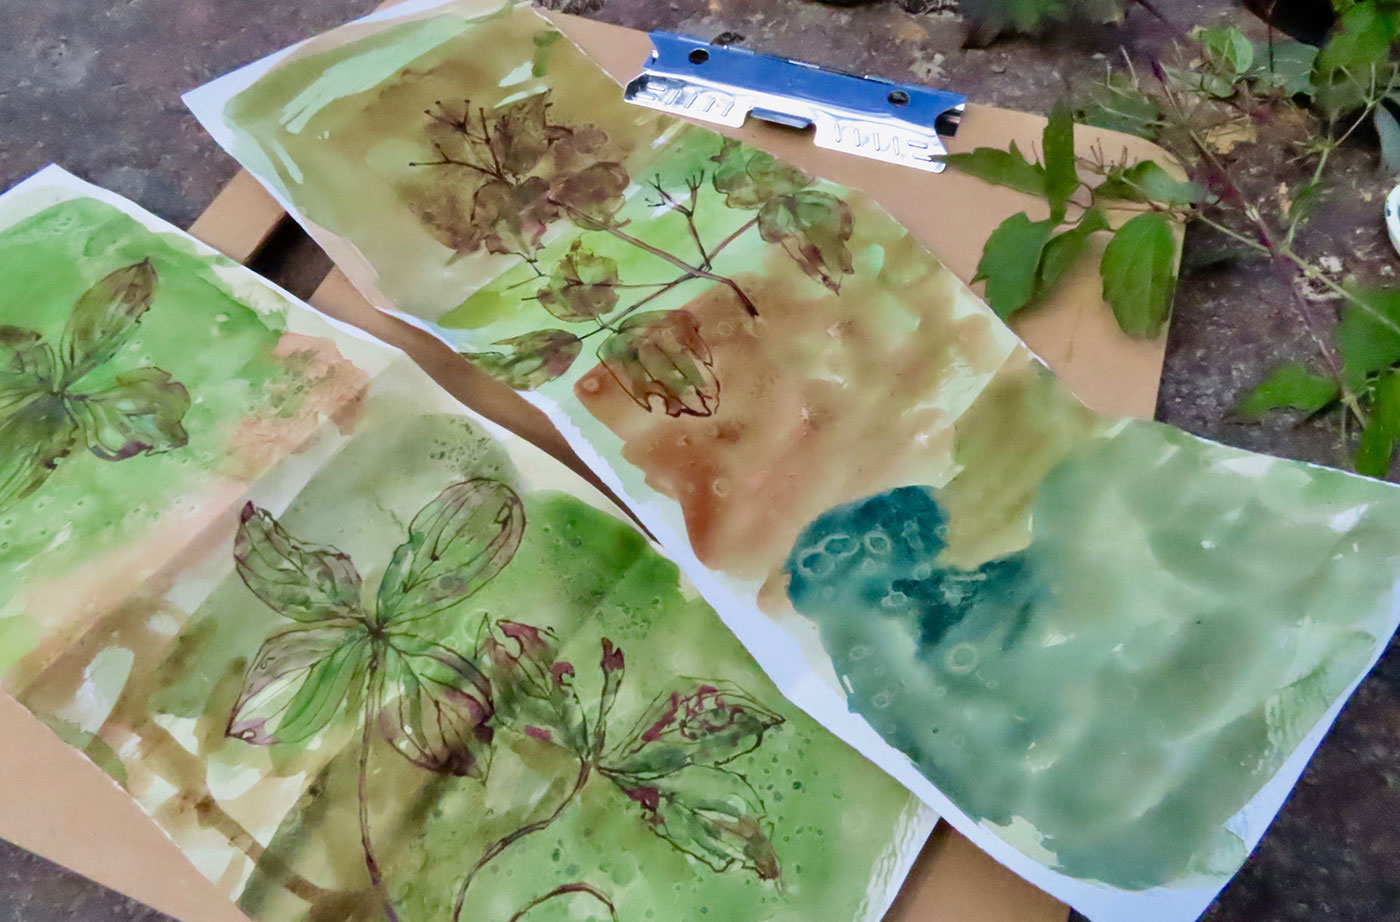 Botanicals artwork by Jill Osgood